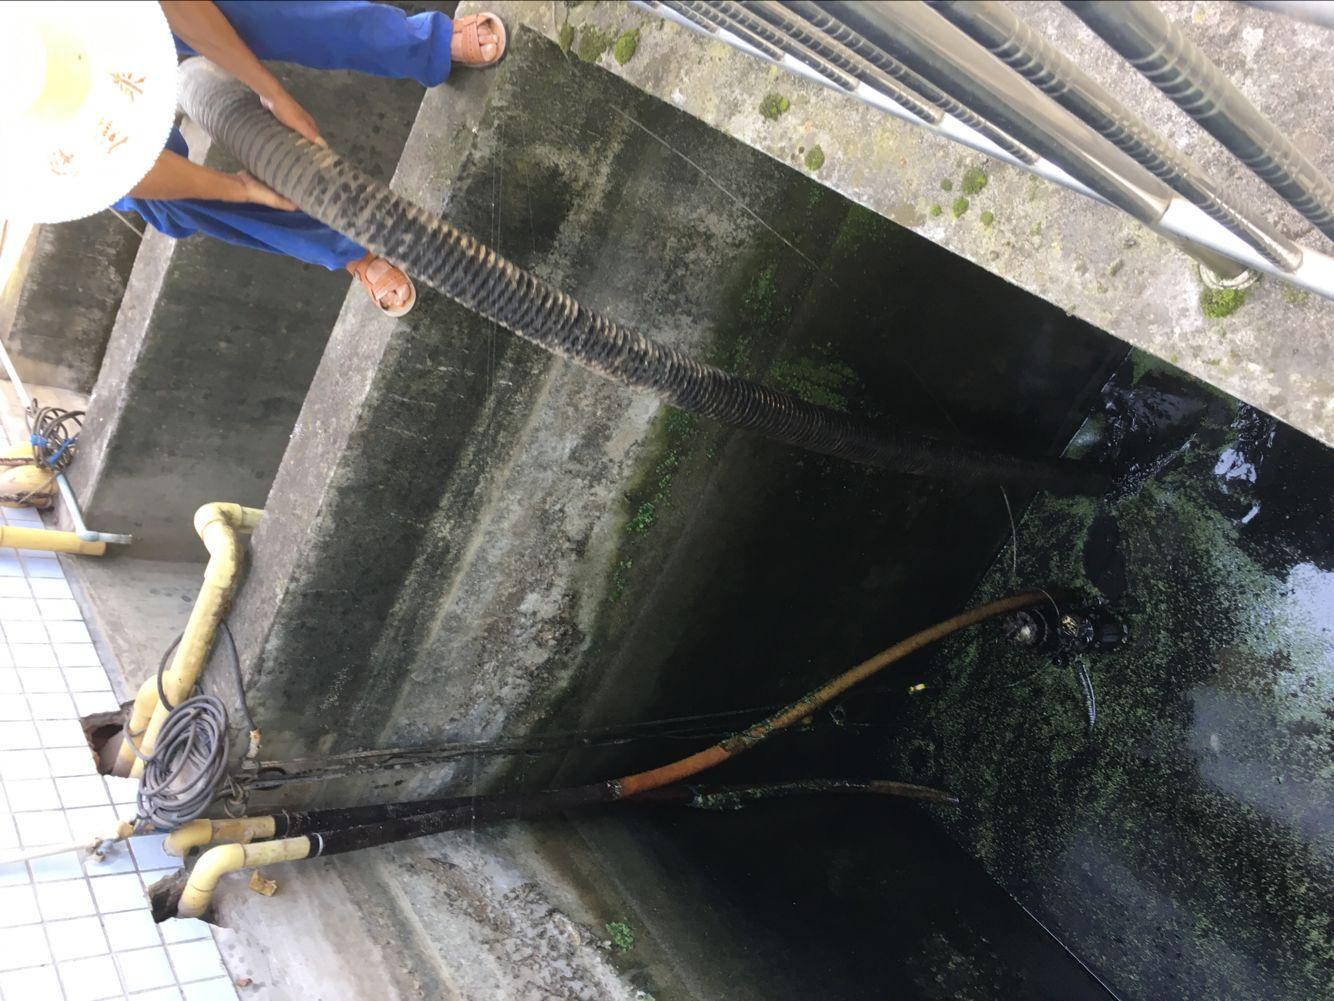 澄溪镇专业清理雨水管道低价处理中心